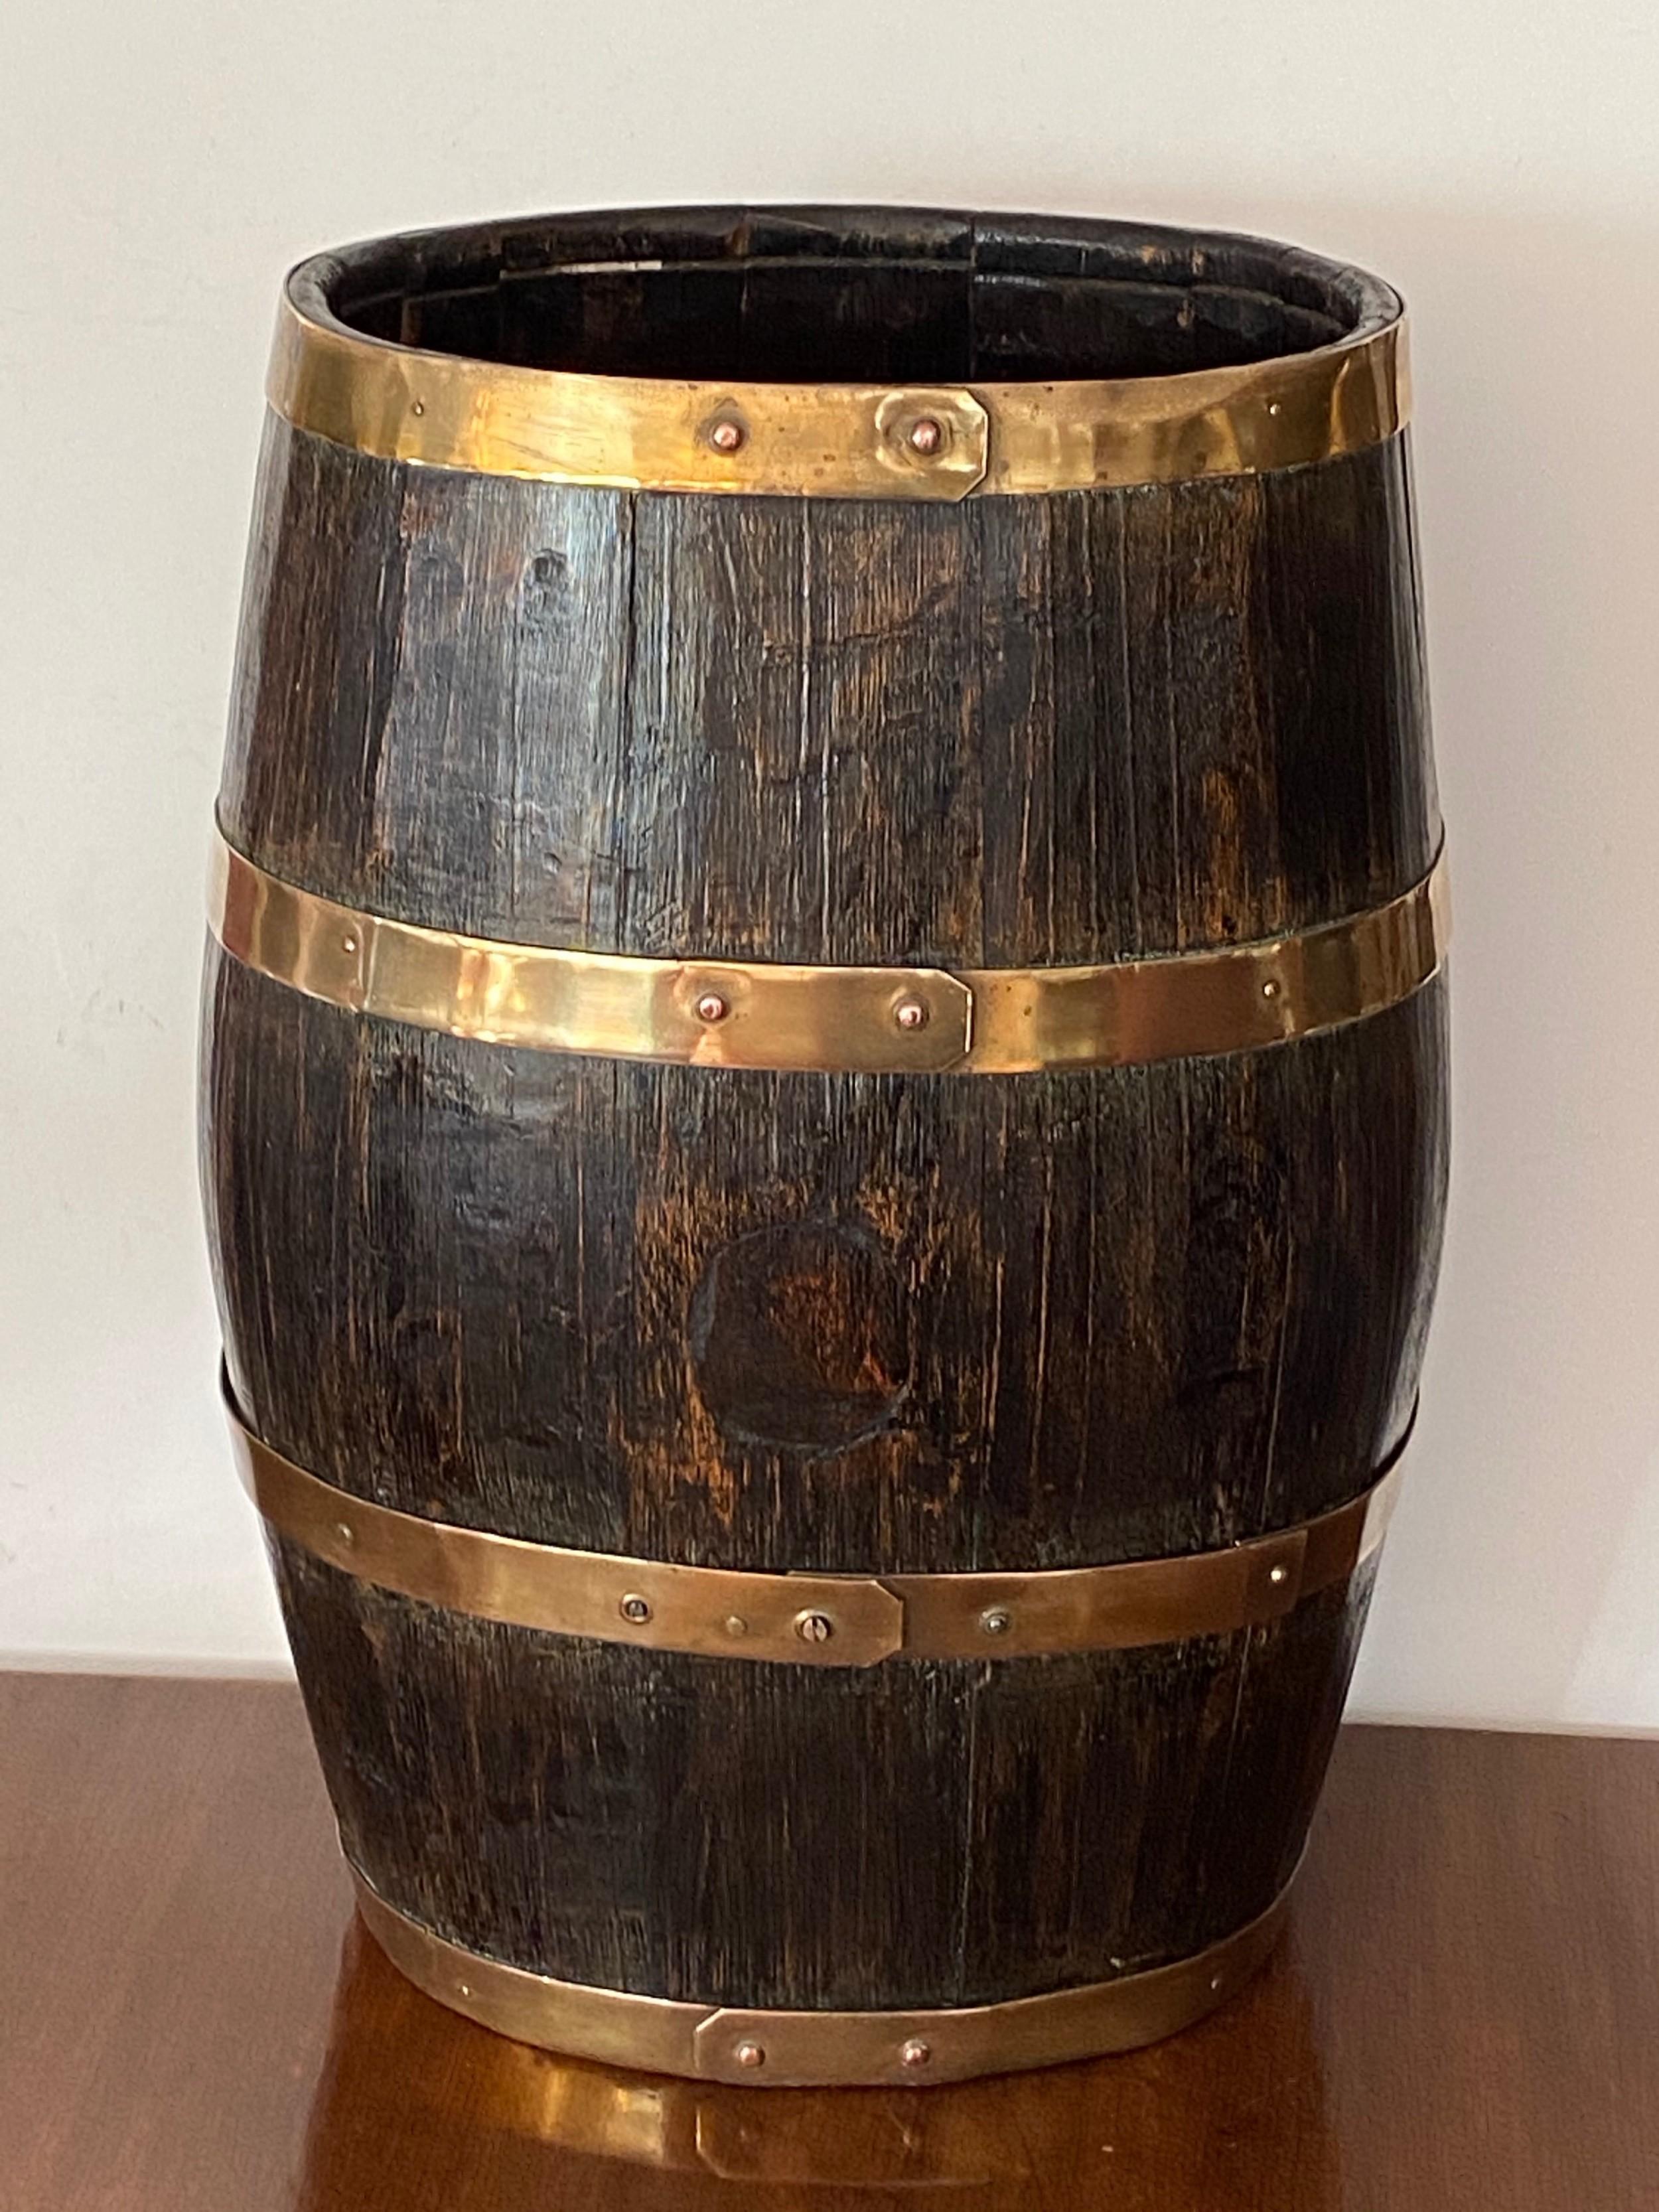 coopered oak whisky barrel